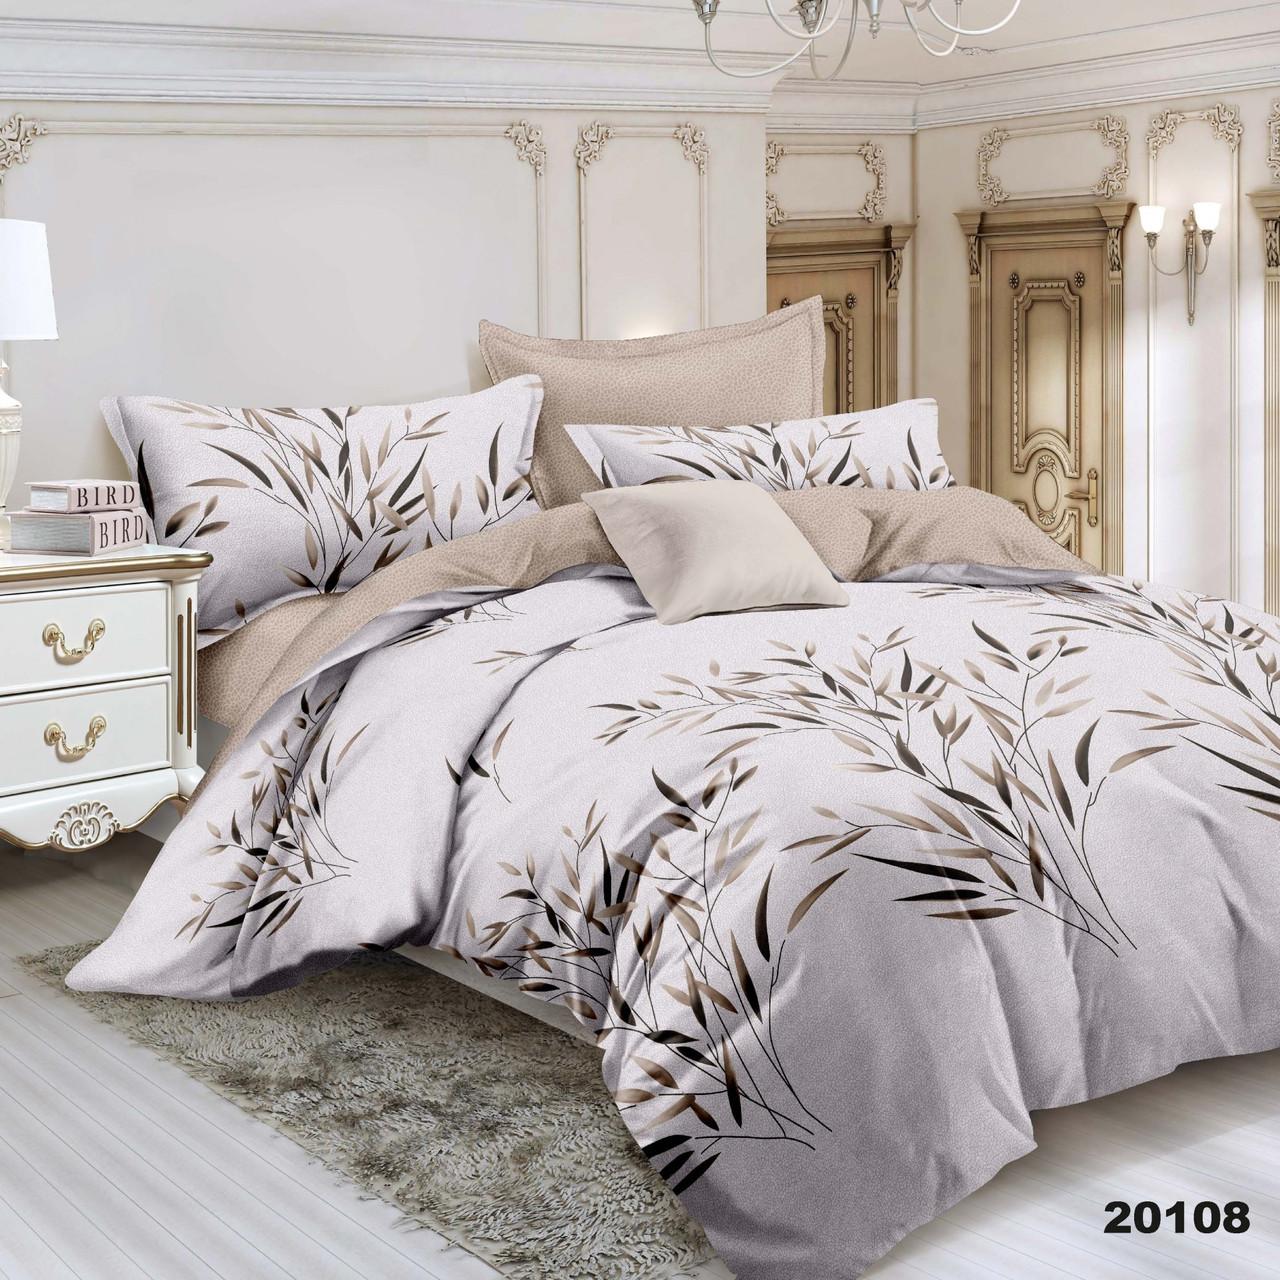 Viluta Комплект постельного белья ранфорс 20108